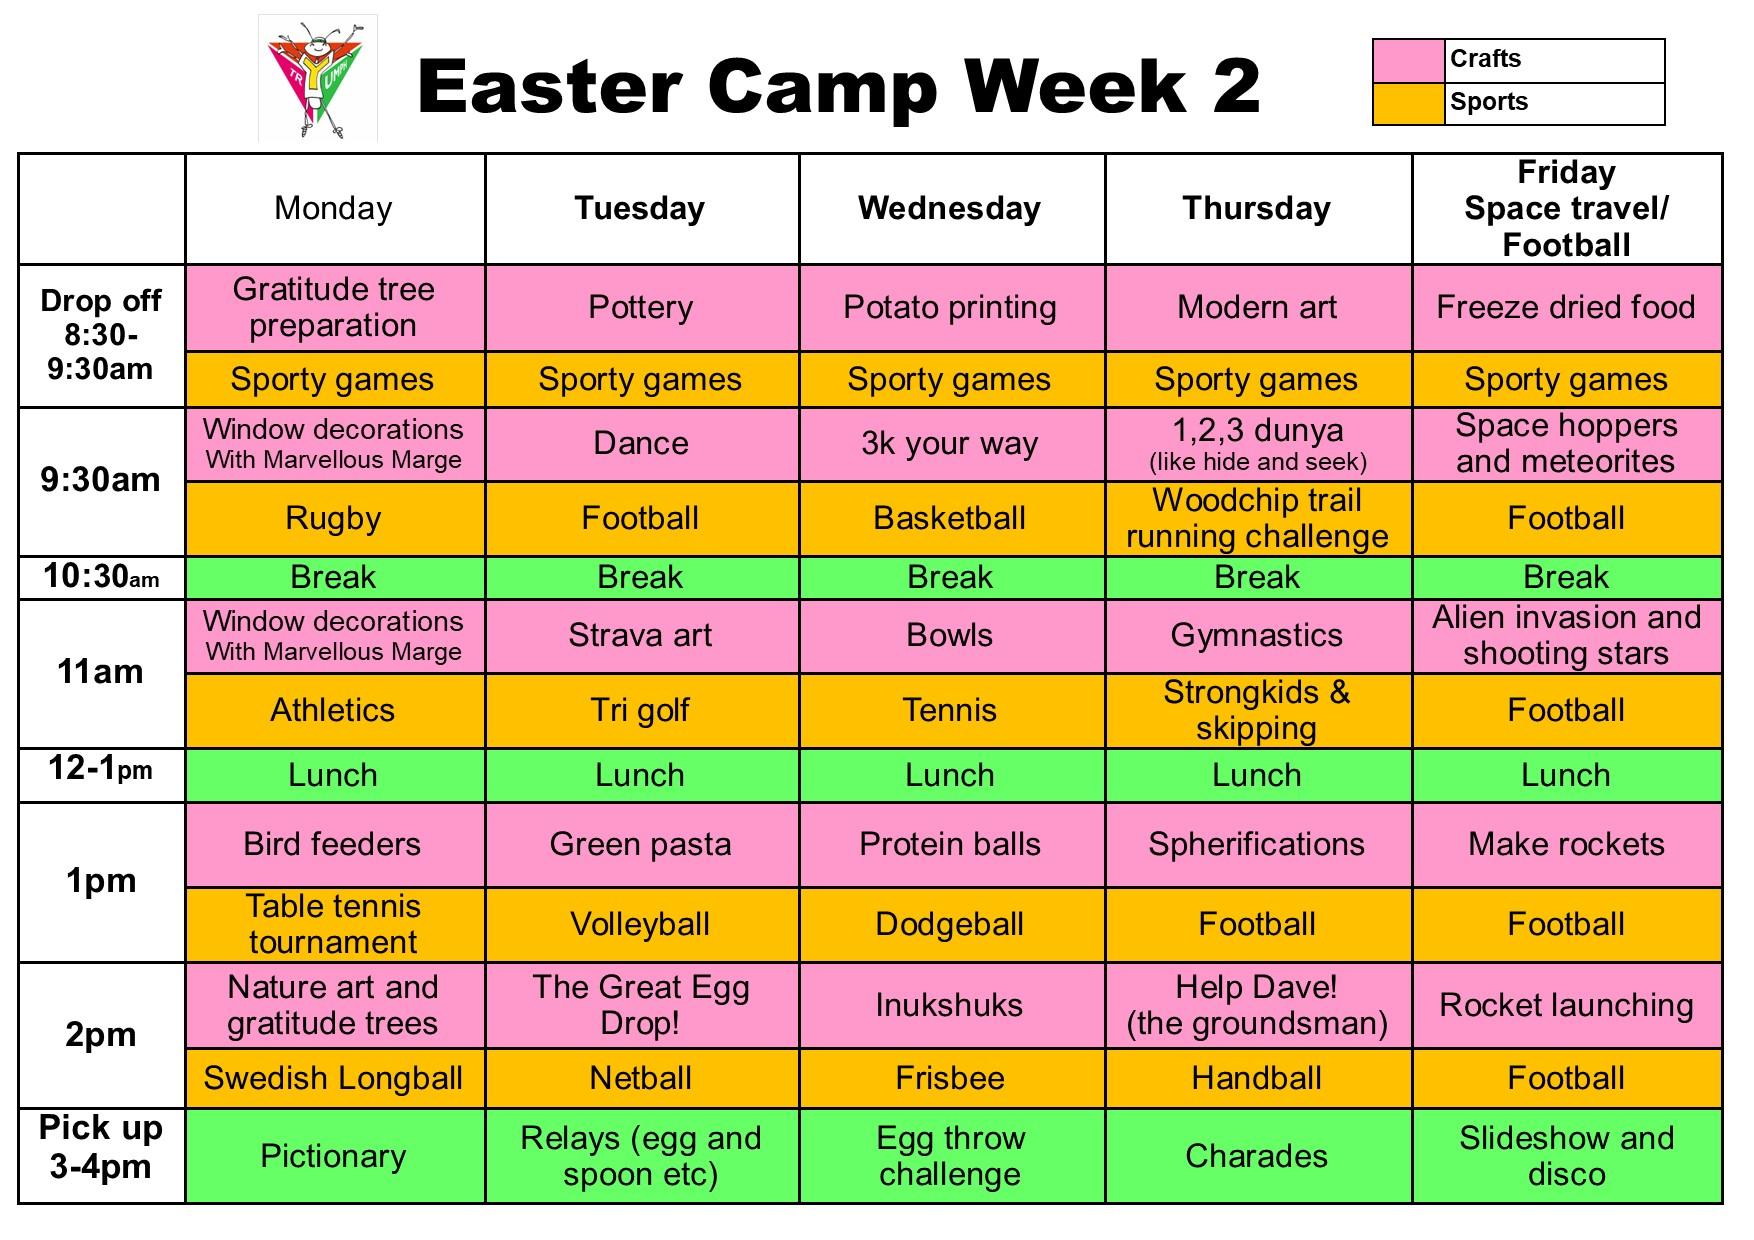 Easter Camp Schedule week 2 2021